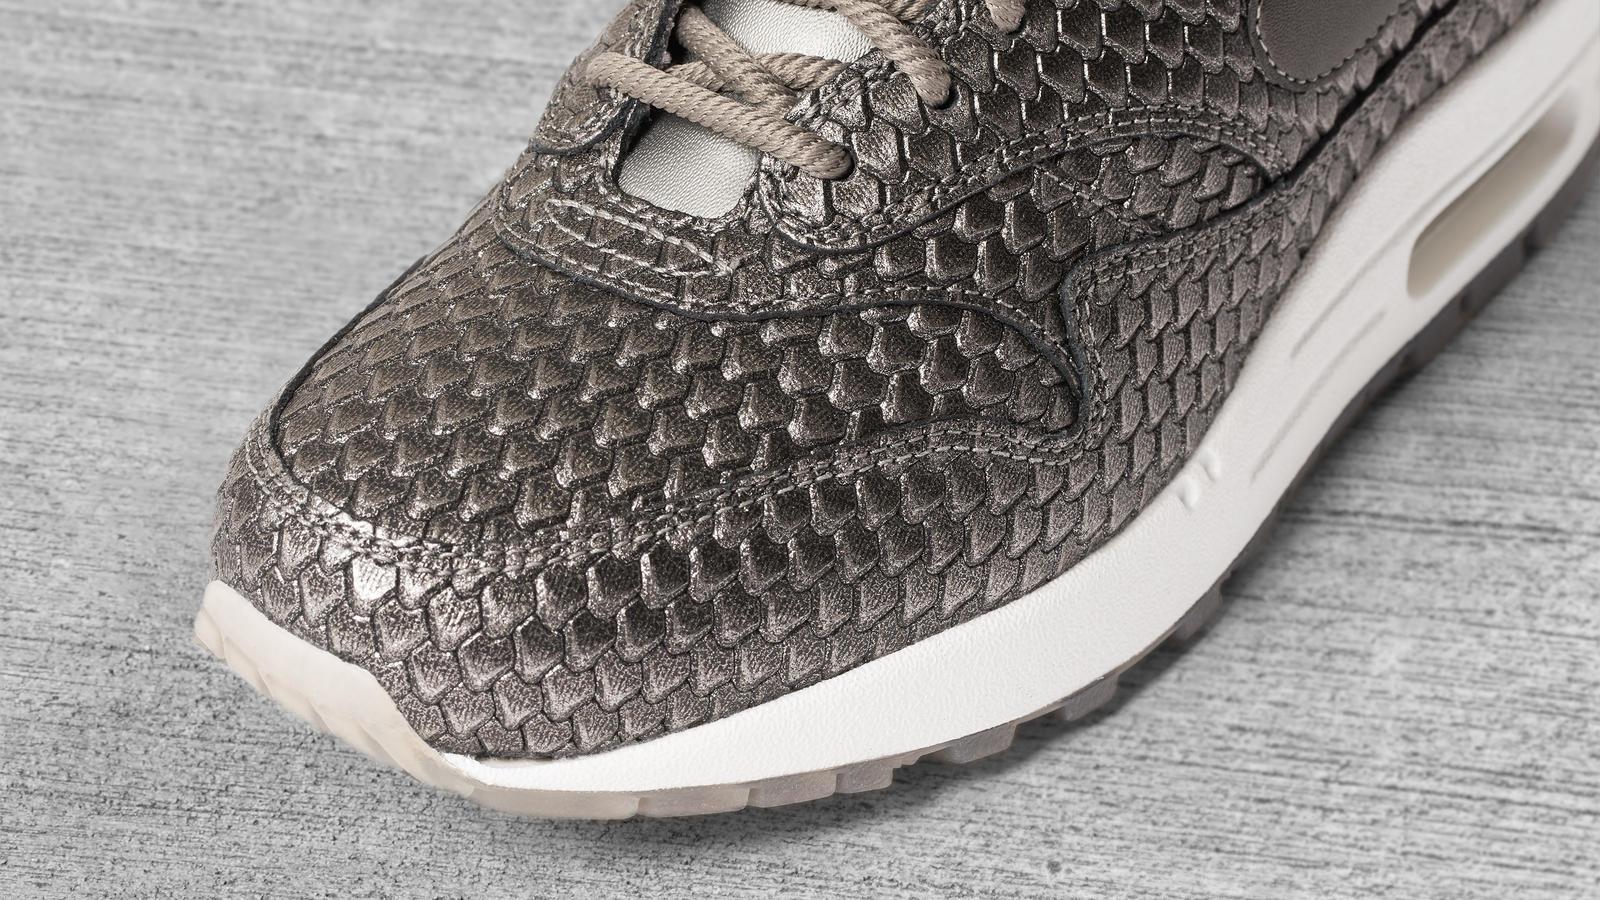 170607 footwear am1 silver 0091 hd 1600